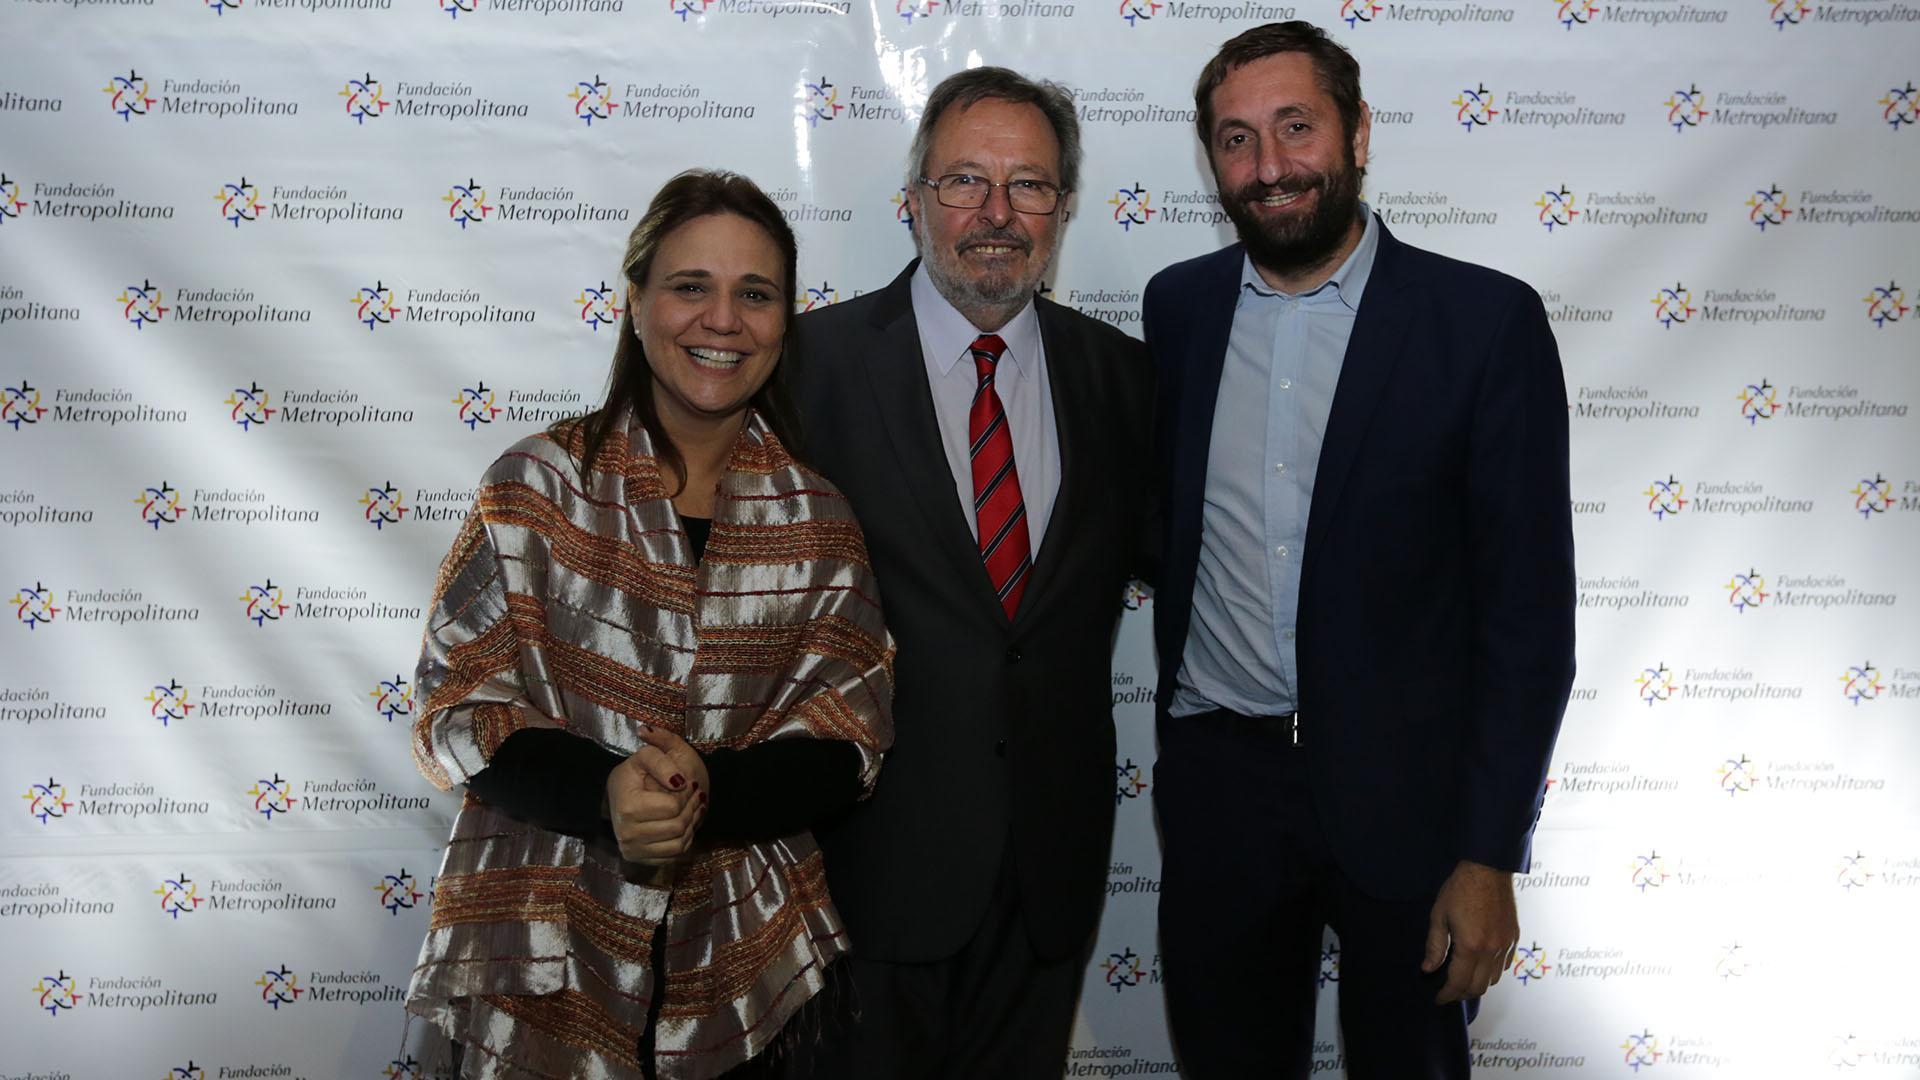 Gabriela Agosto, secretaria ejecutiva del Consejo Nacional de Políticas Sociales, y Fernando Álvarez de Célis, subsecretario de Planificación Territorial